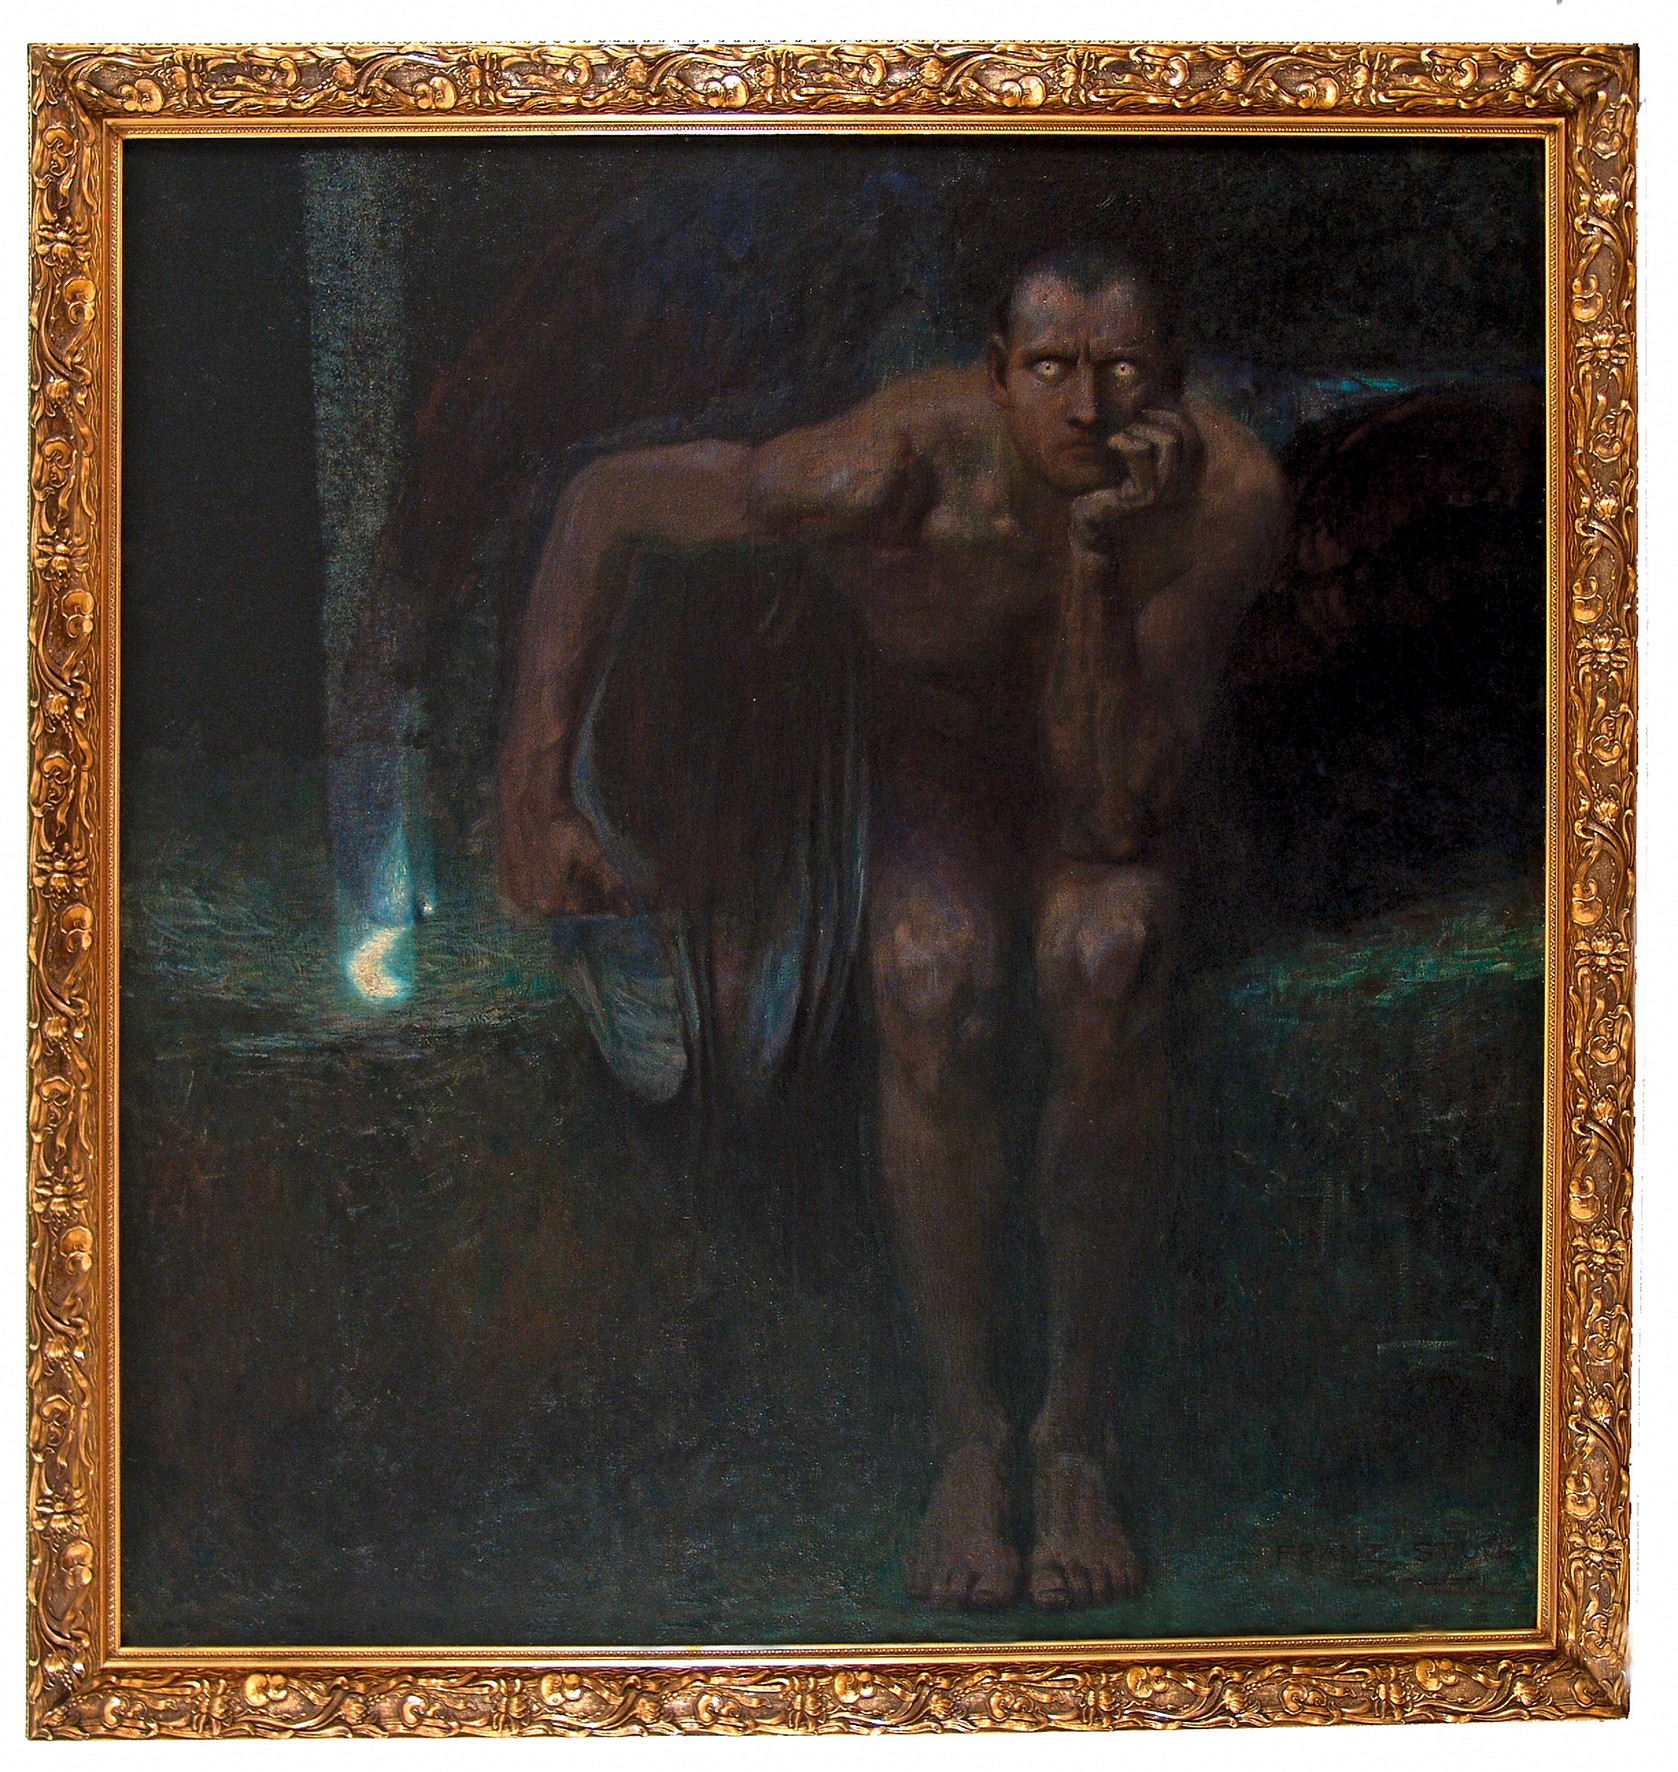 Franz von Stuck, Lucifer, 1890/1891 © The National Gallery, Sofia